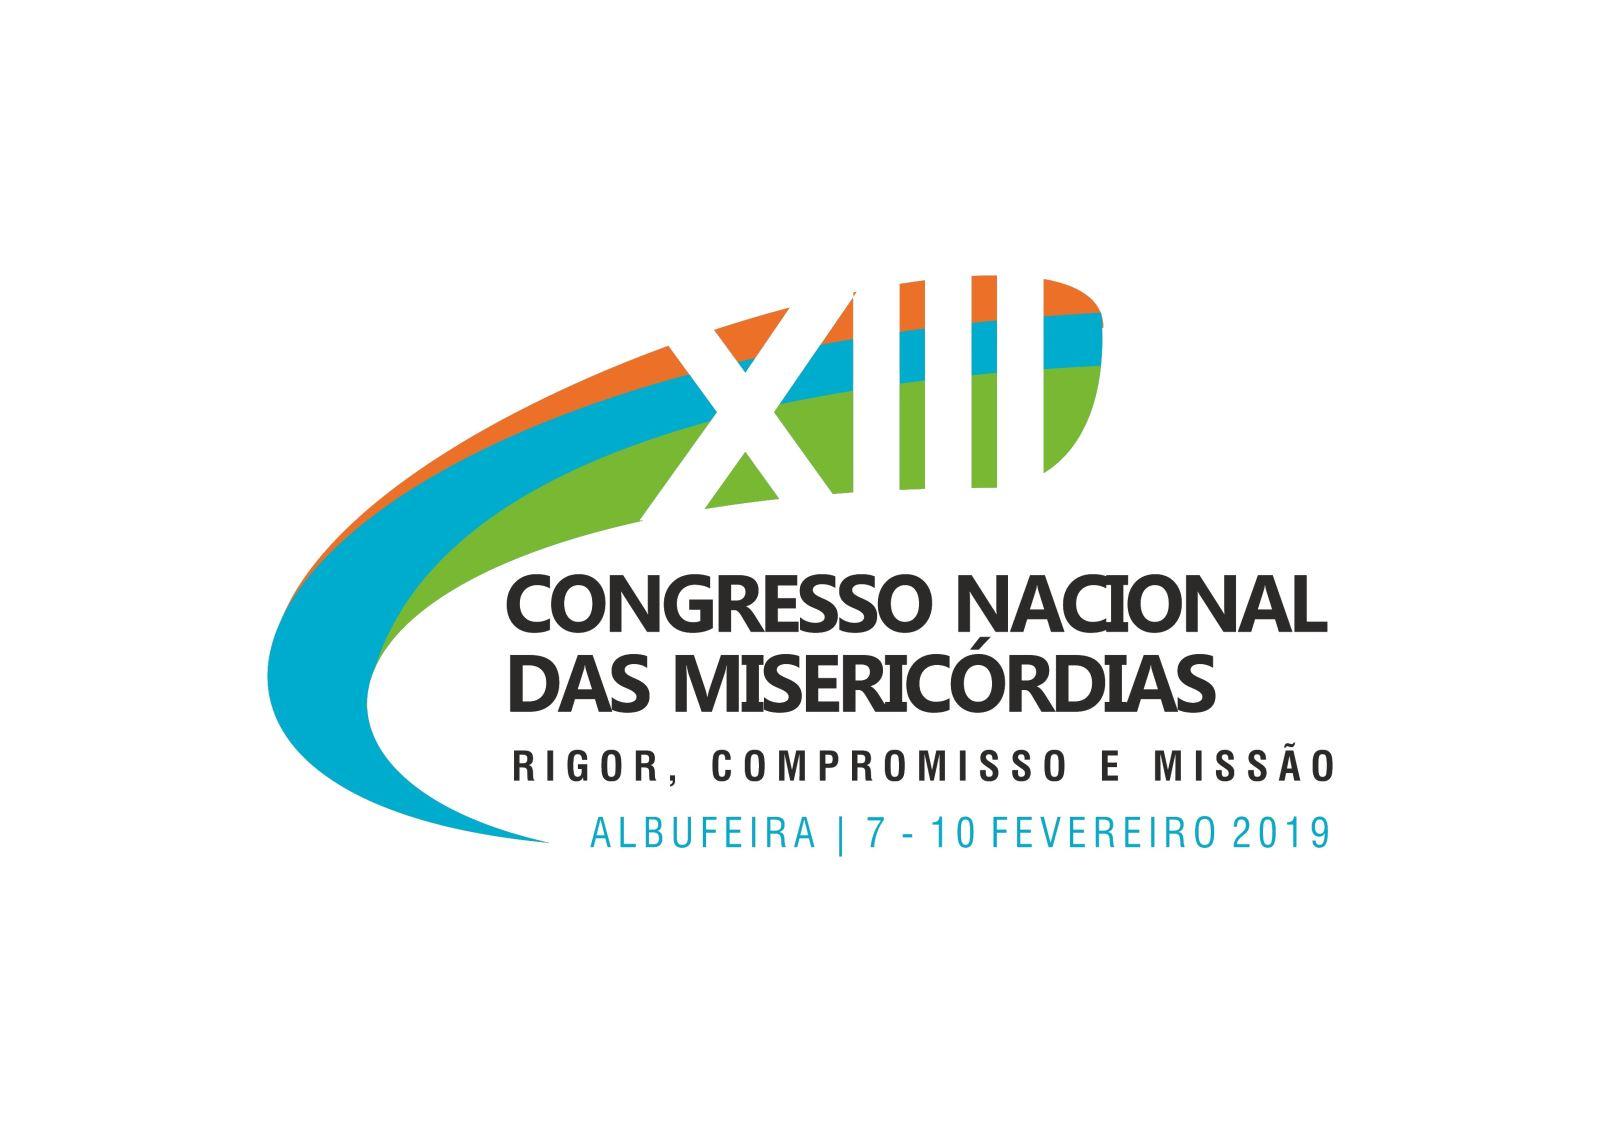 UMP | Já estão confirmados oradores para o 13º Congresso Nacional